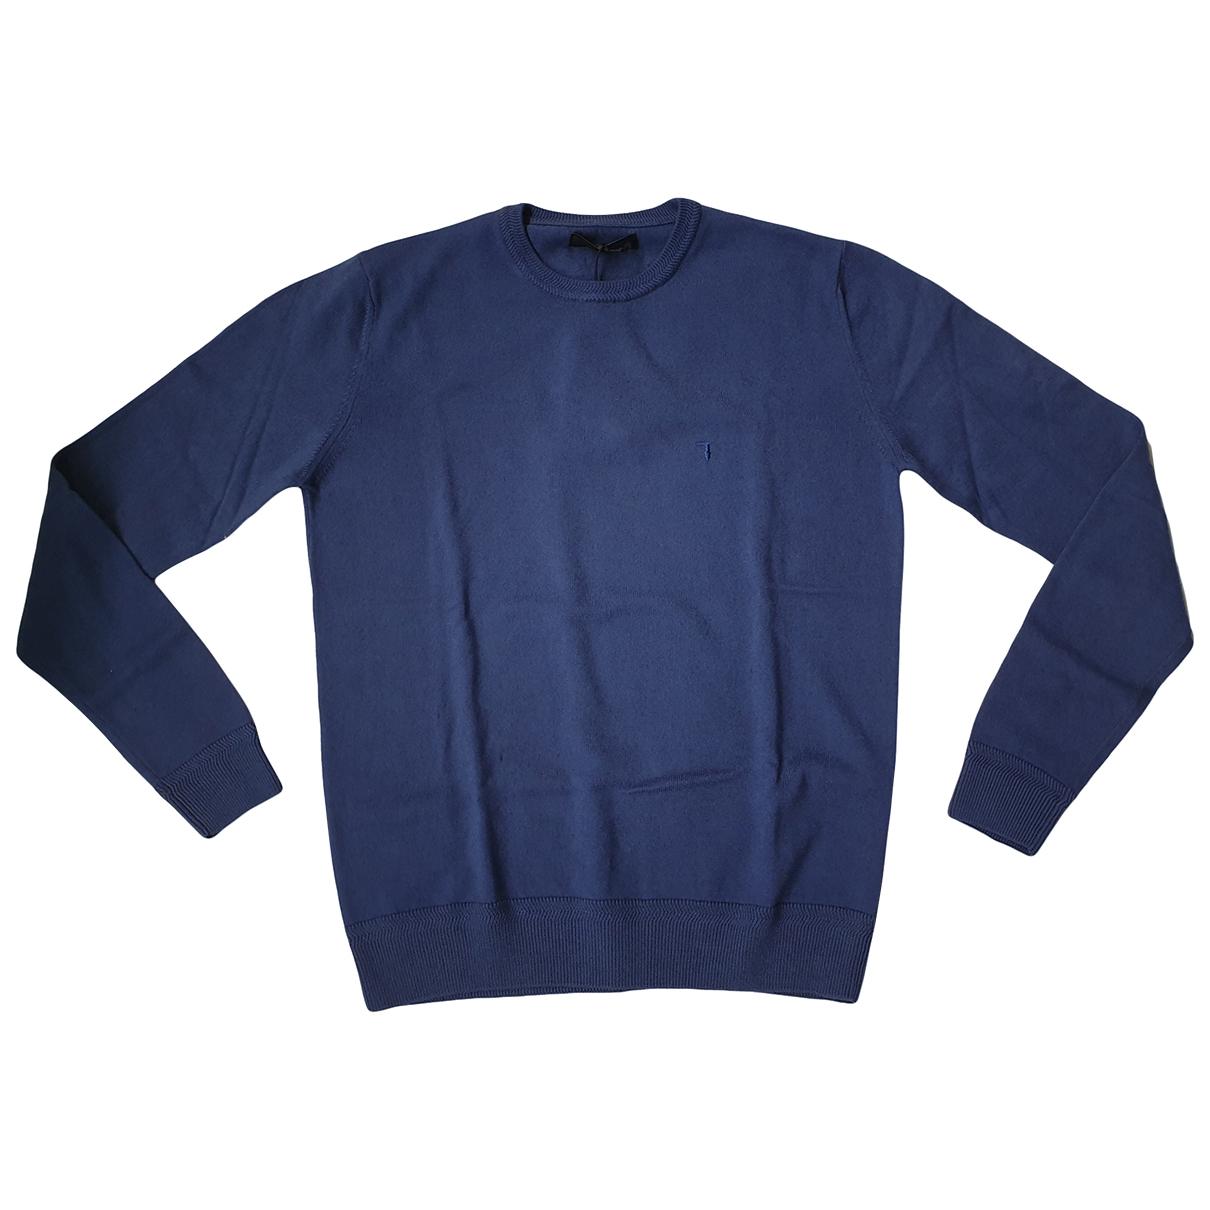 Trussardi - Pulls.Gilets.Sweats   pour homme en coton - bleu